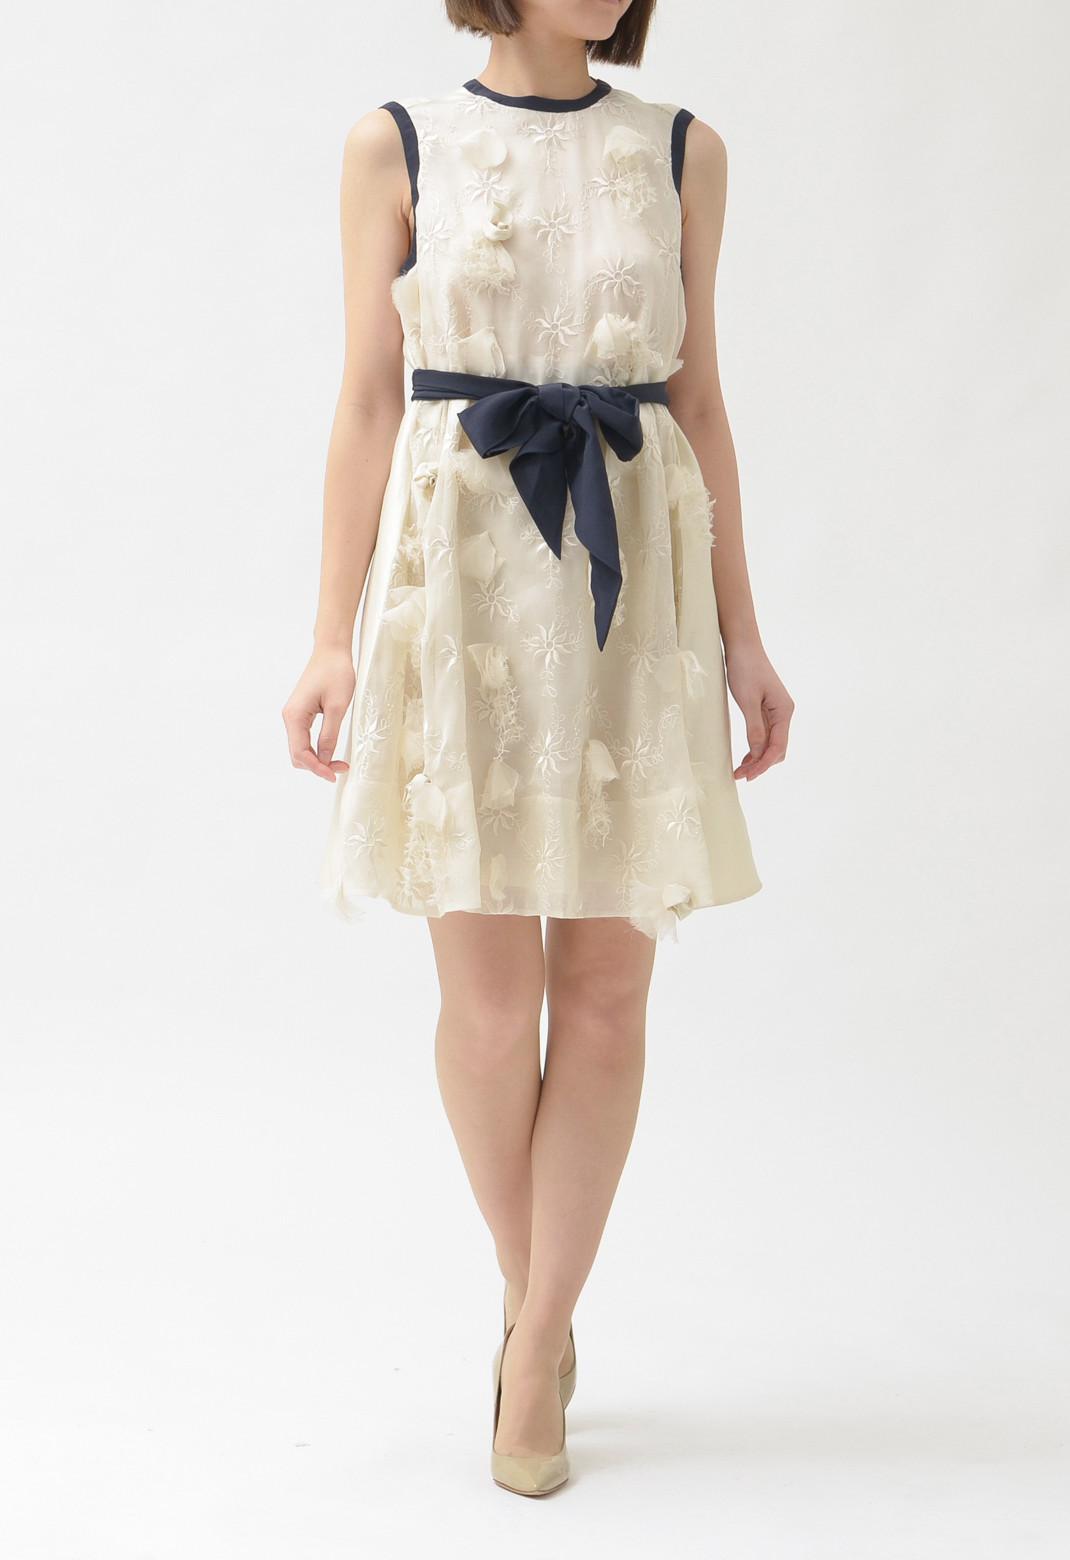 ジルスチュアート シルク混 フラワー刺繍 × モチーフ飾り Aライン ノースリーブドレス